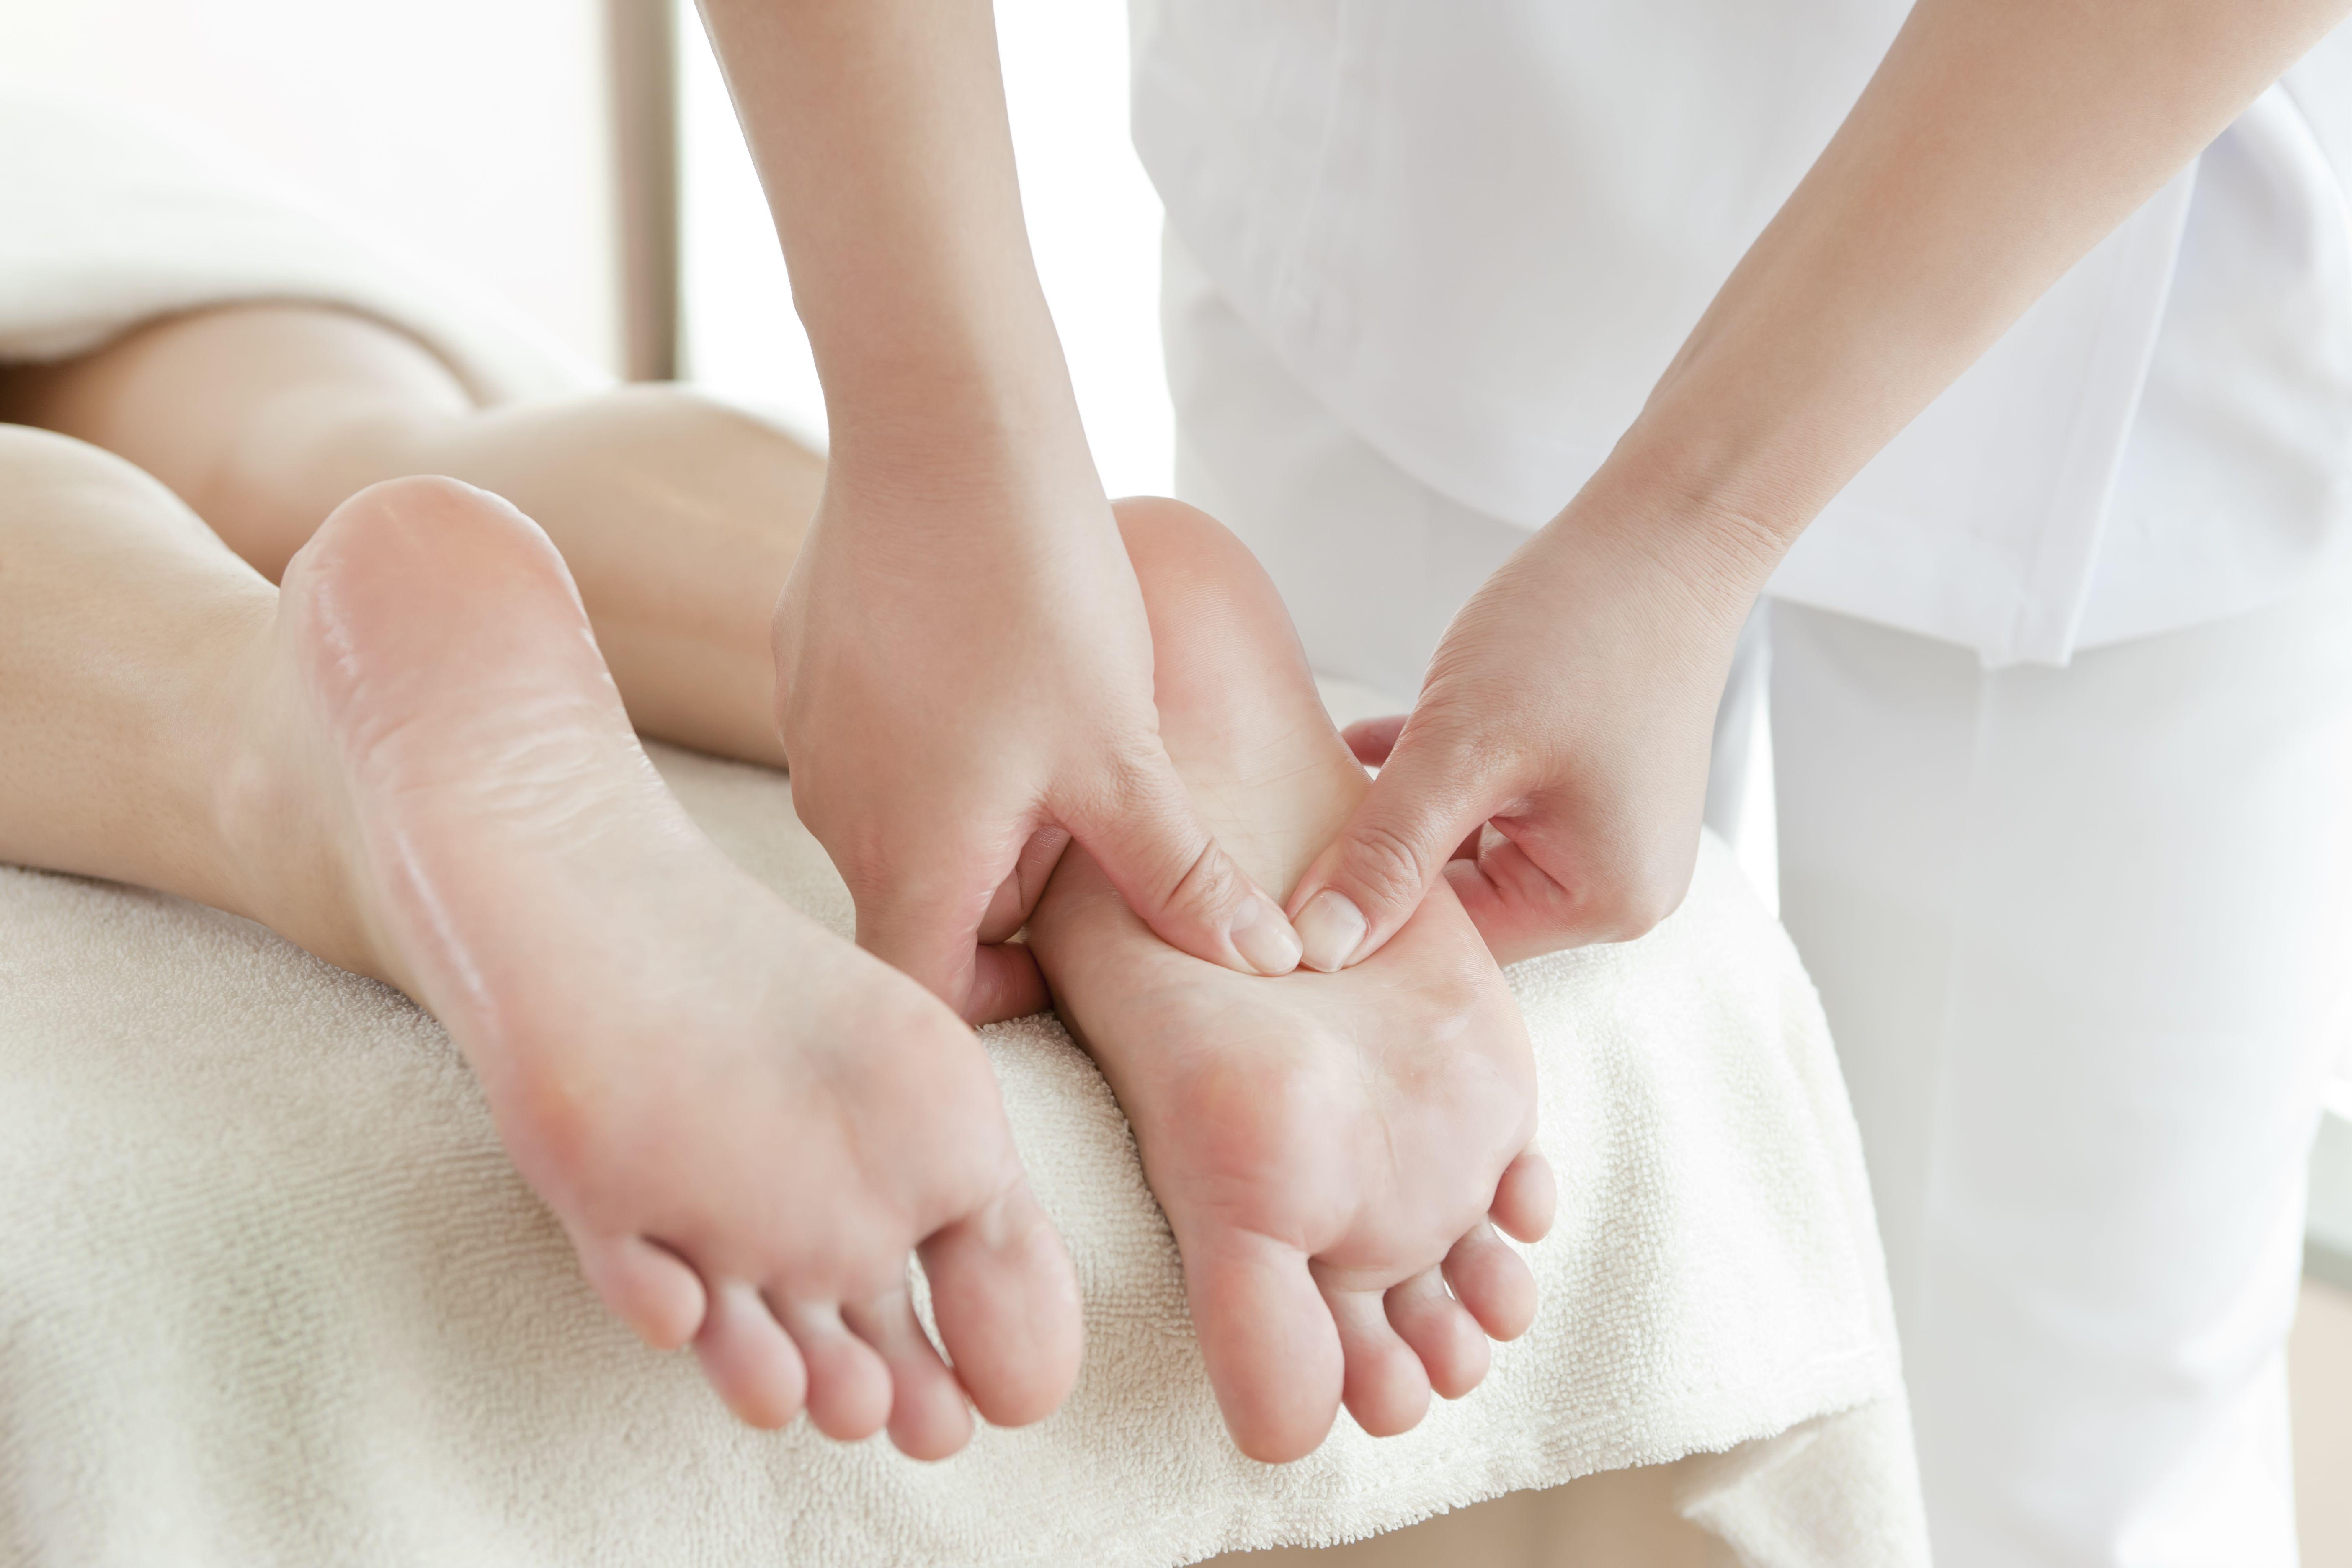 Fisioterapia del pie